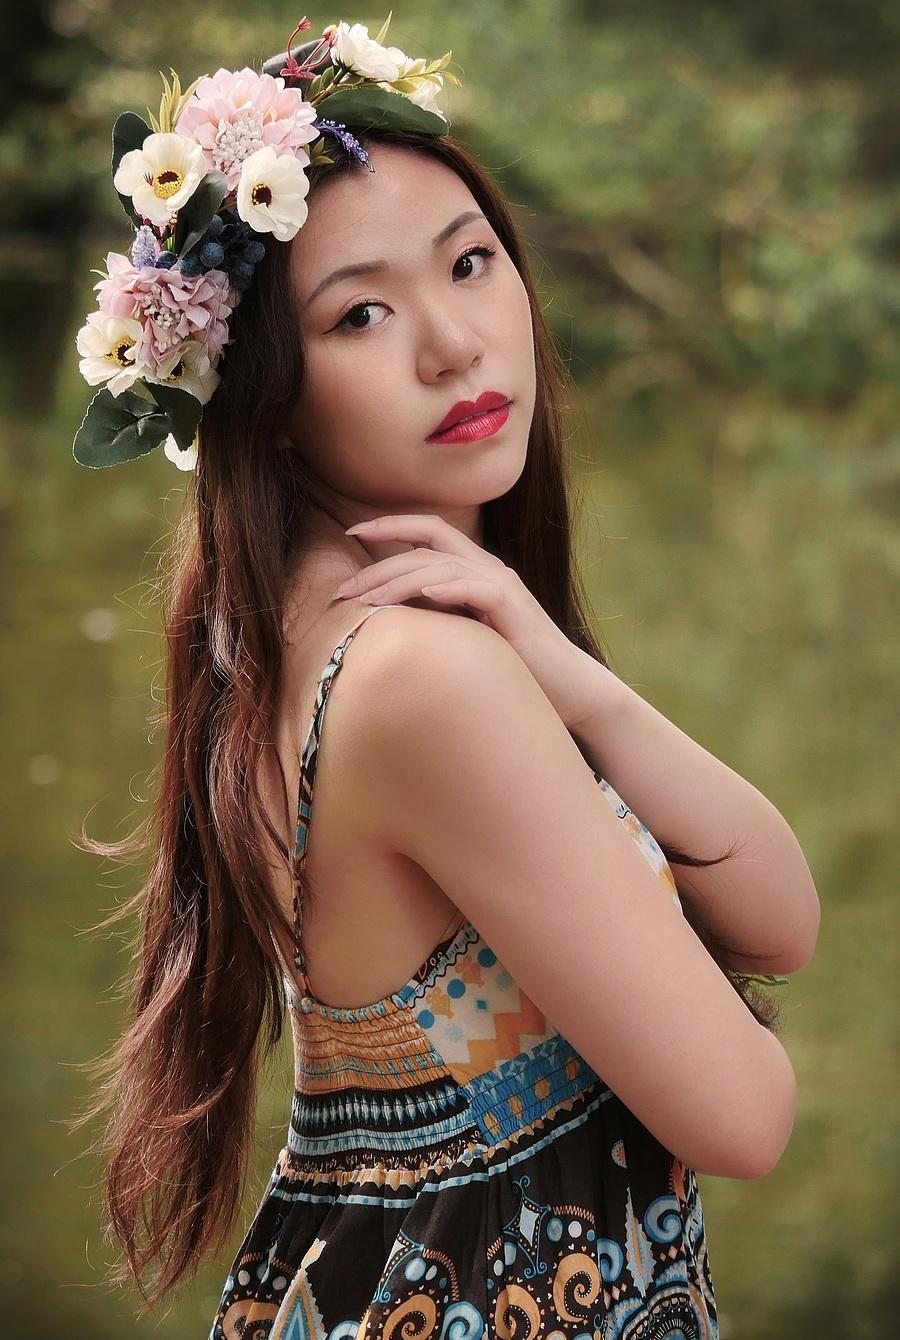 天照 / Photography by AJ11, Model Anne May, Post processing by AJ11 / Uploaded 20th January 2021 @ 04:53 PM